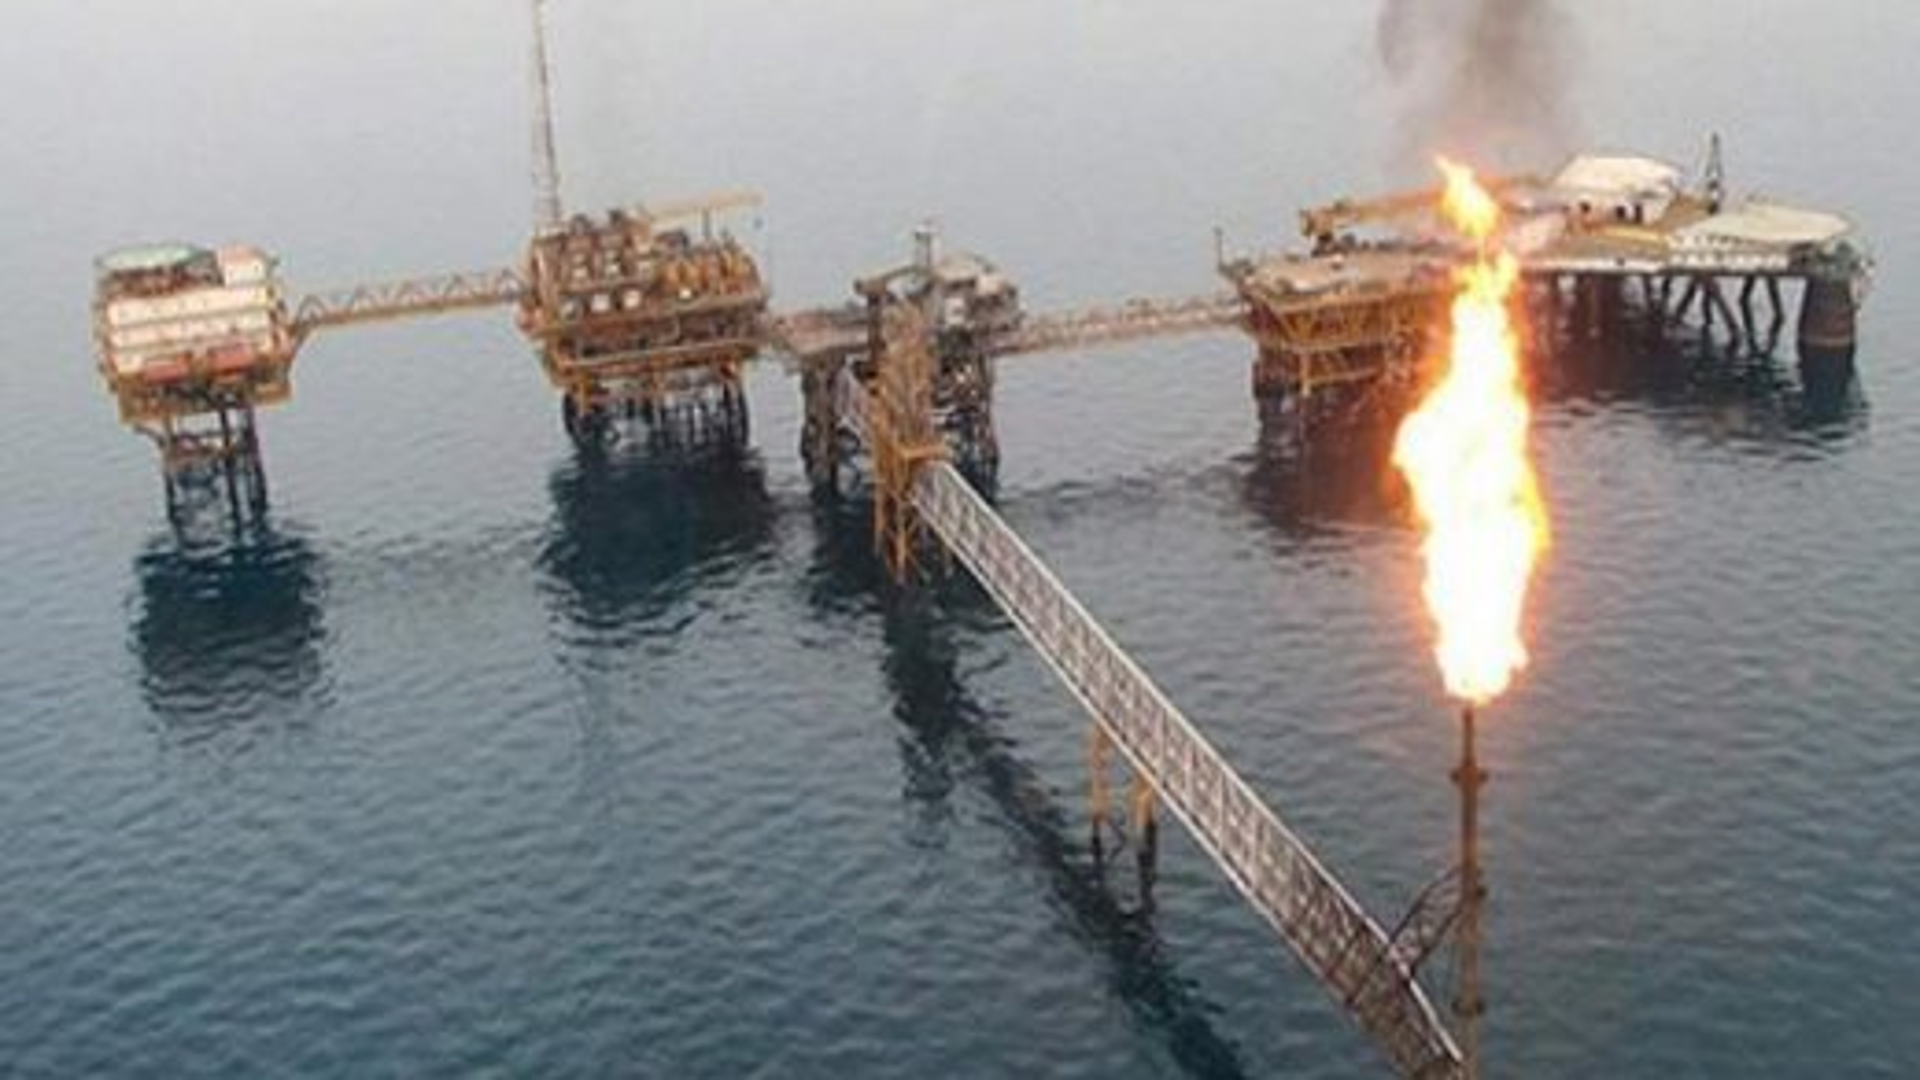 میدان نفتی نام آوران | تگ